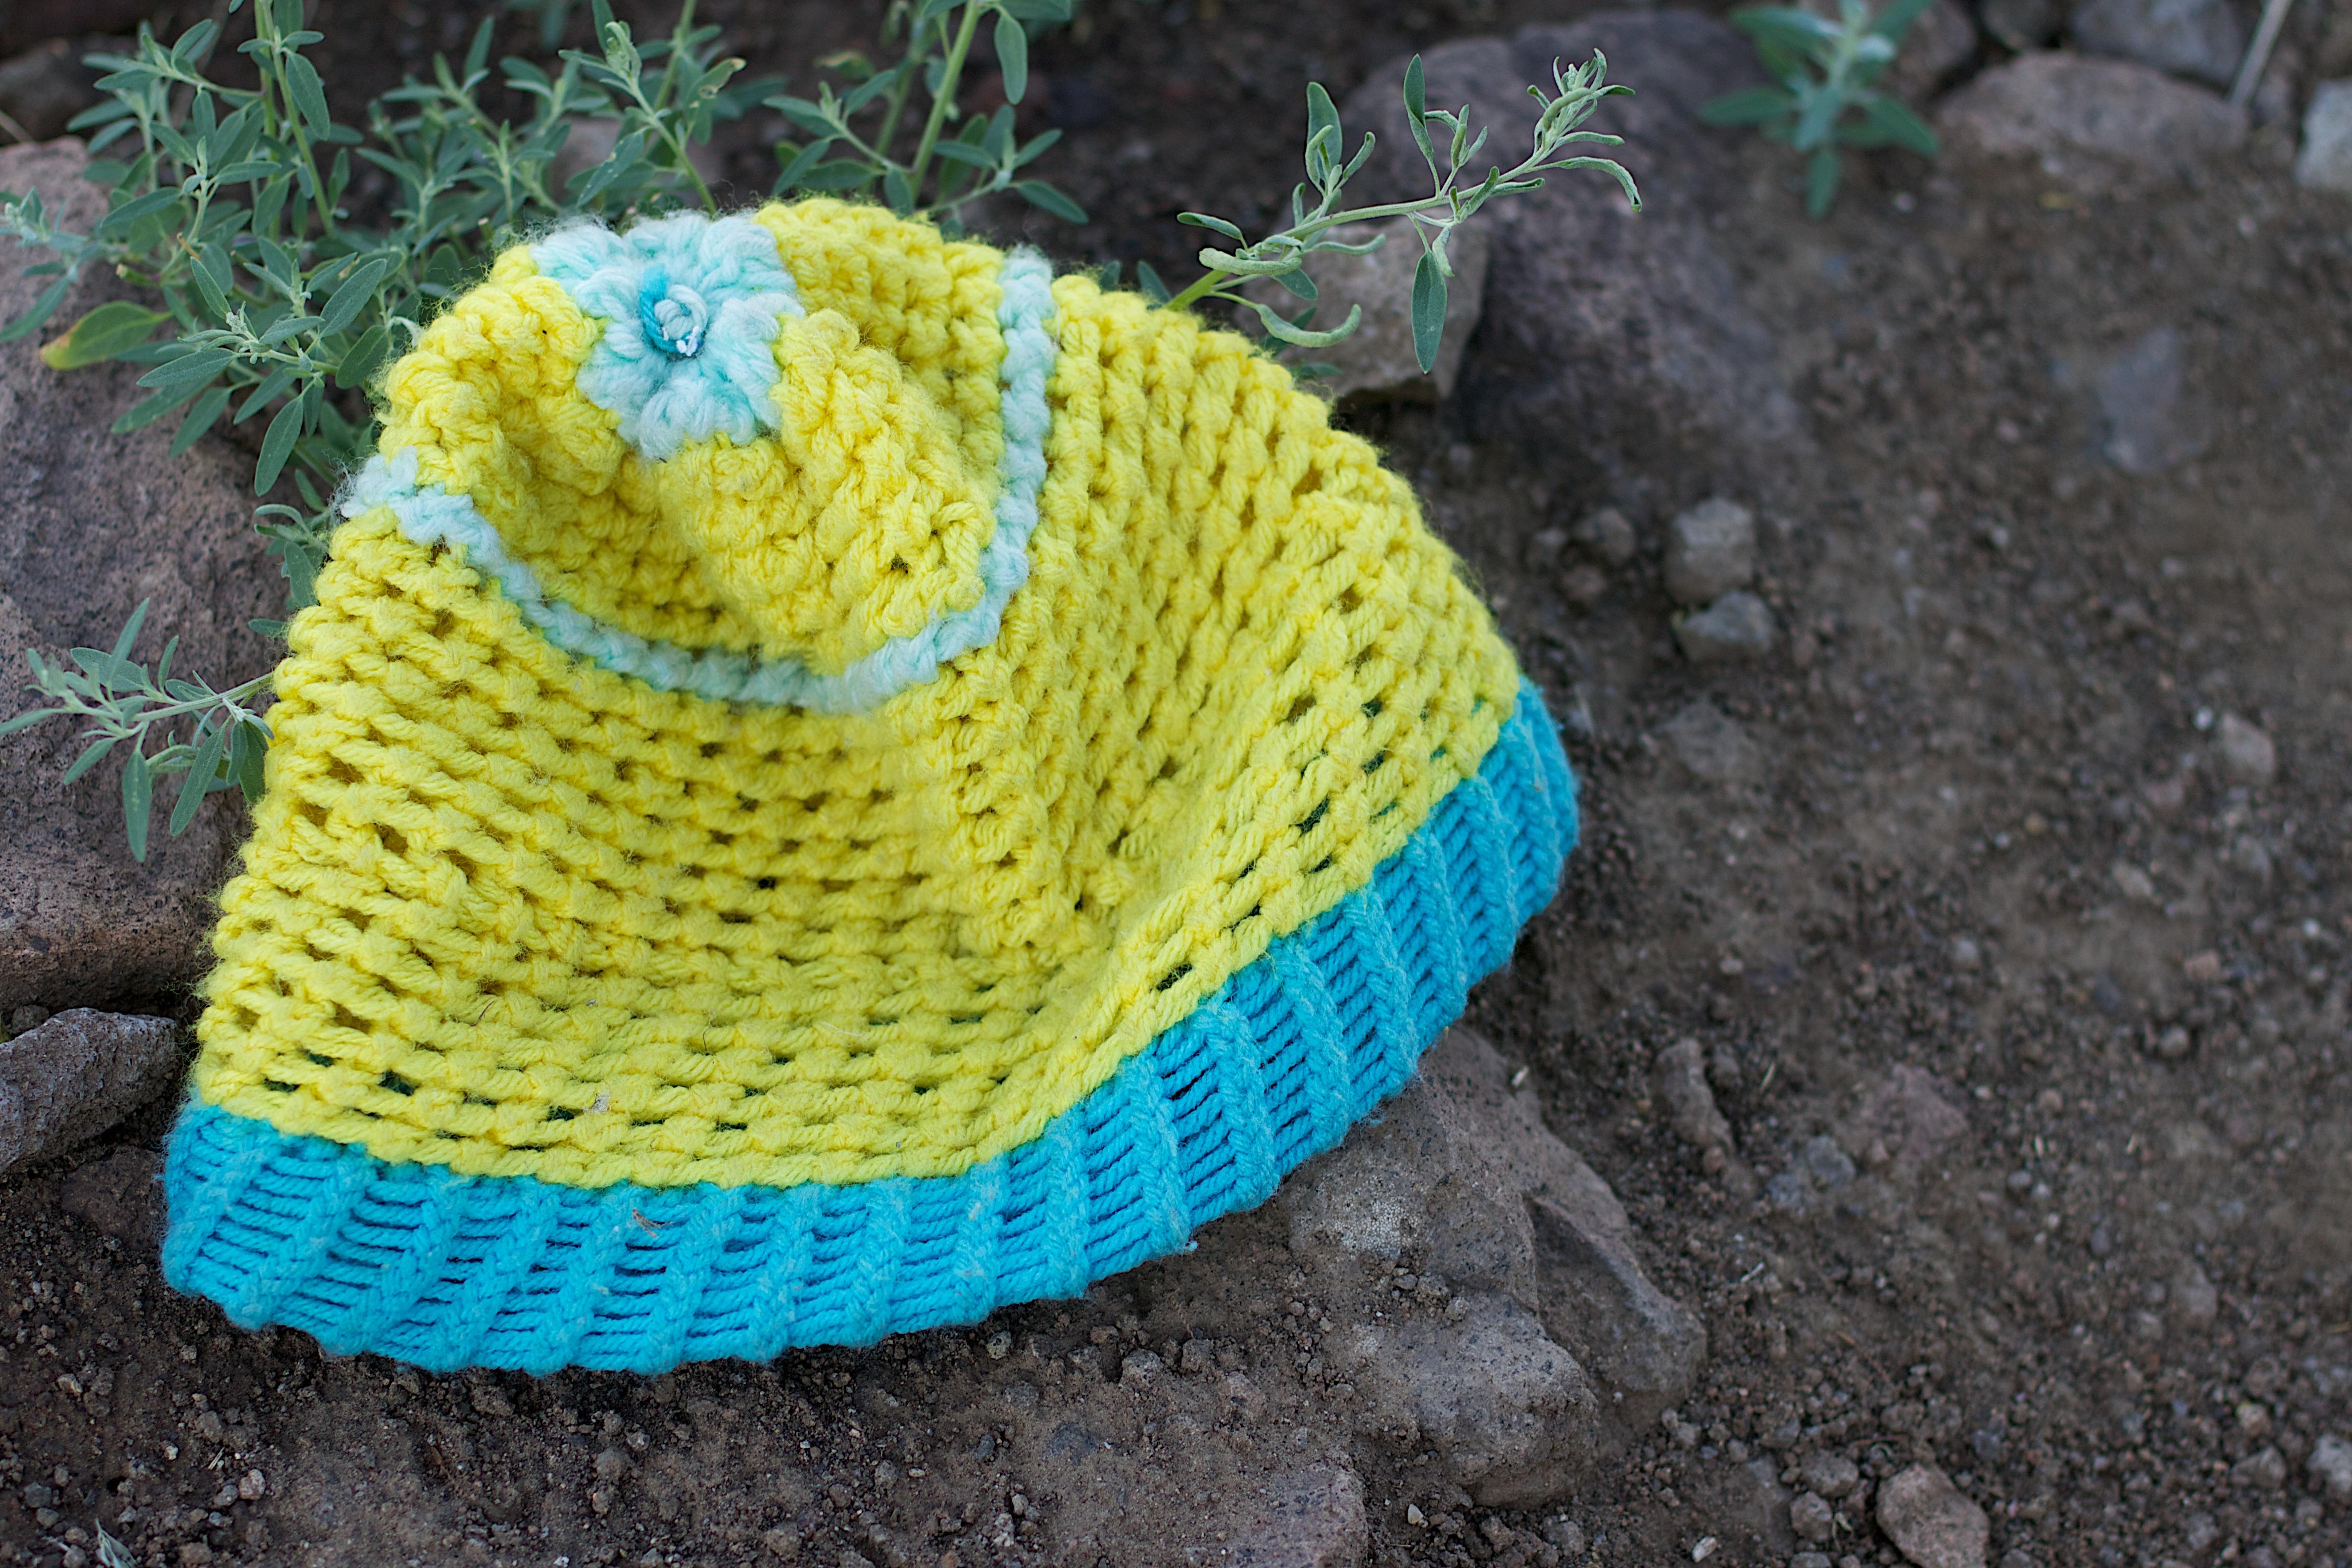 Kostenlose foto : Blume, Hut, Kleidung, Gelb, Landwirtschaft, häkeln ...